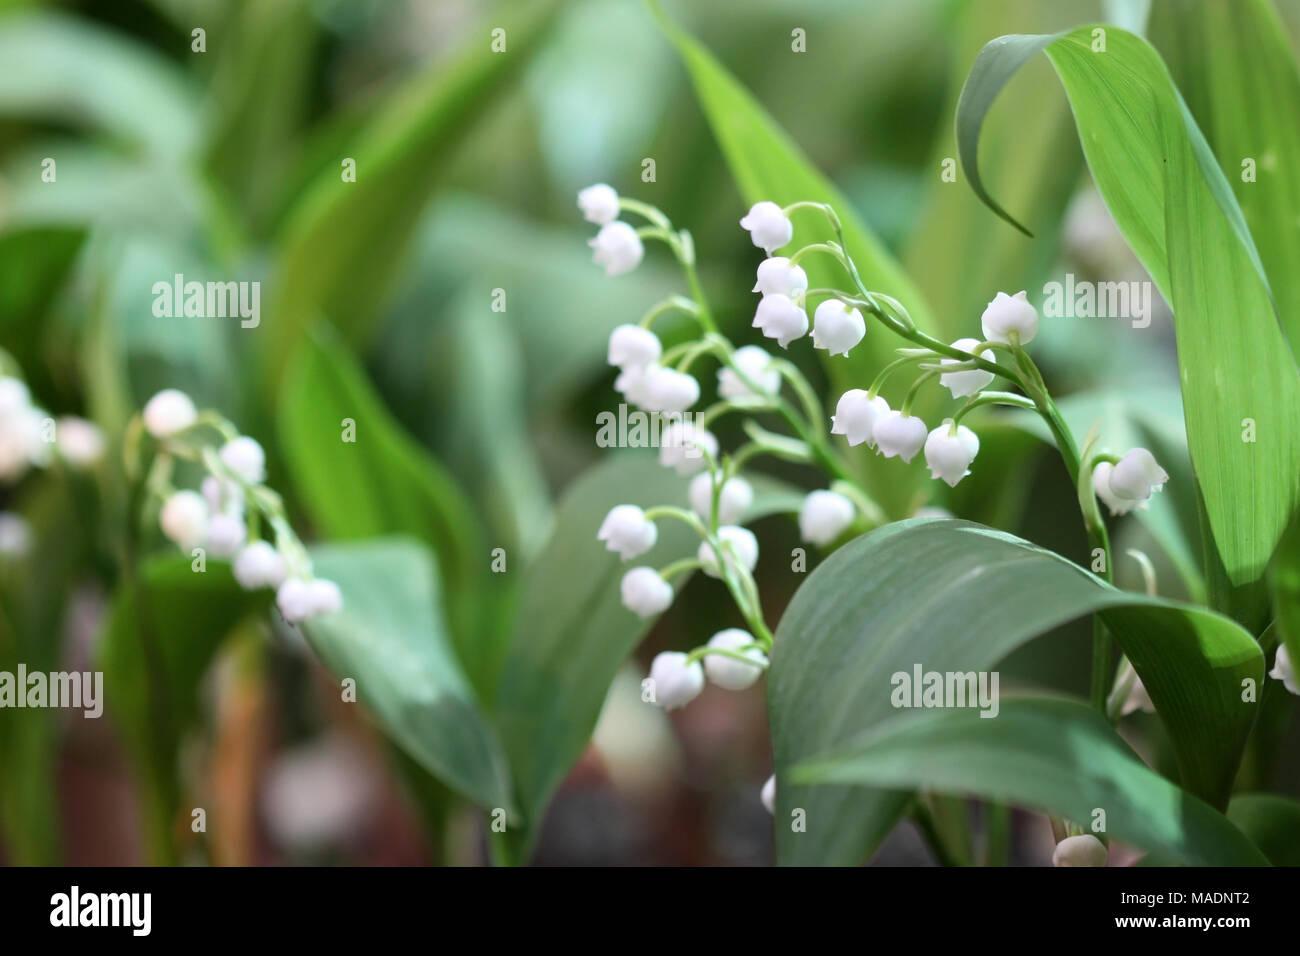 Die blühende Maiglöckchen auf grünem Hintergrund es horizontal ist. Makro. Convallaria. Asparagaceae Familie. Stockbild